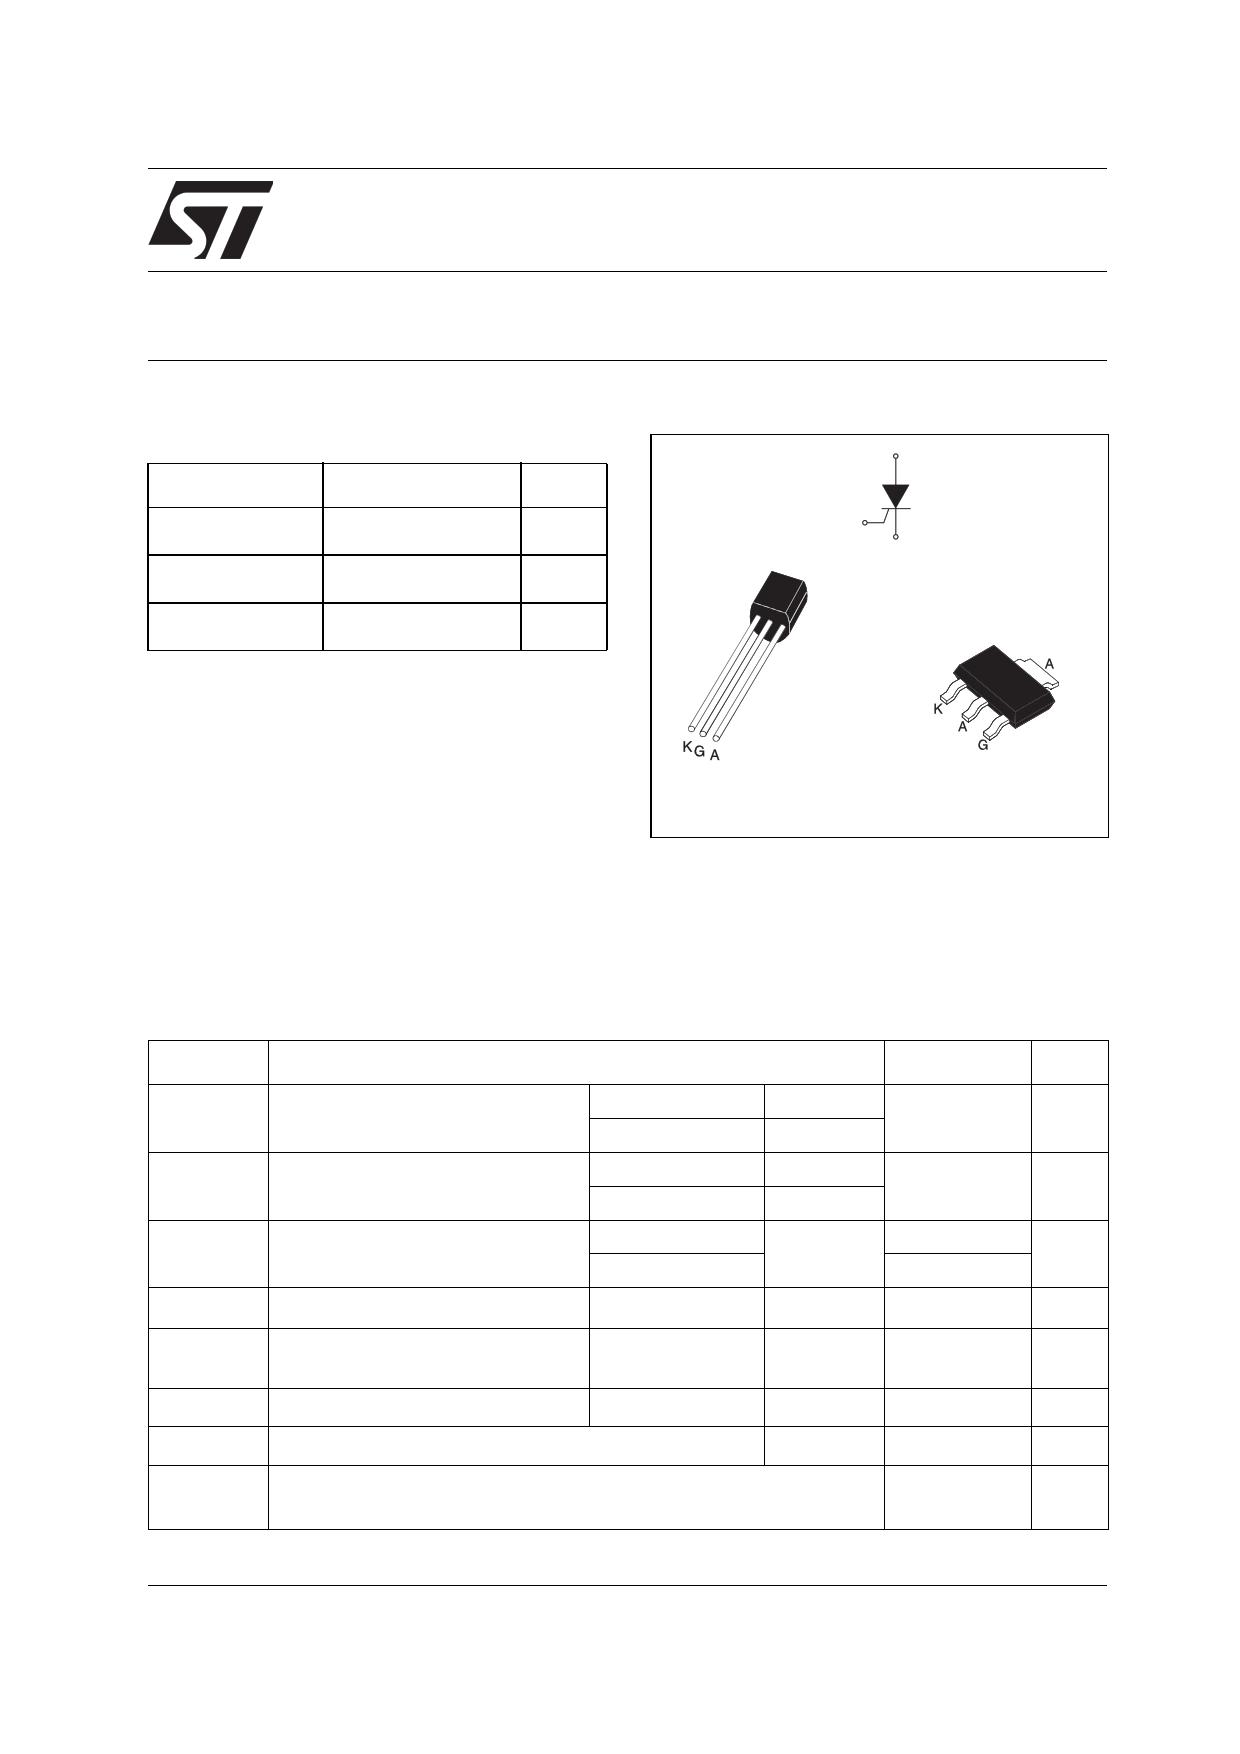 X0205NN1BA2 datasheet